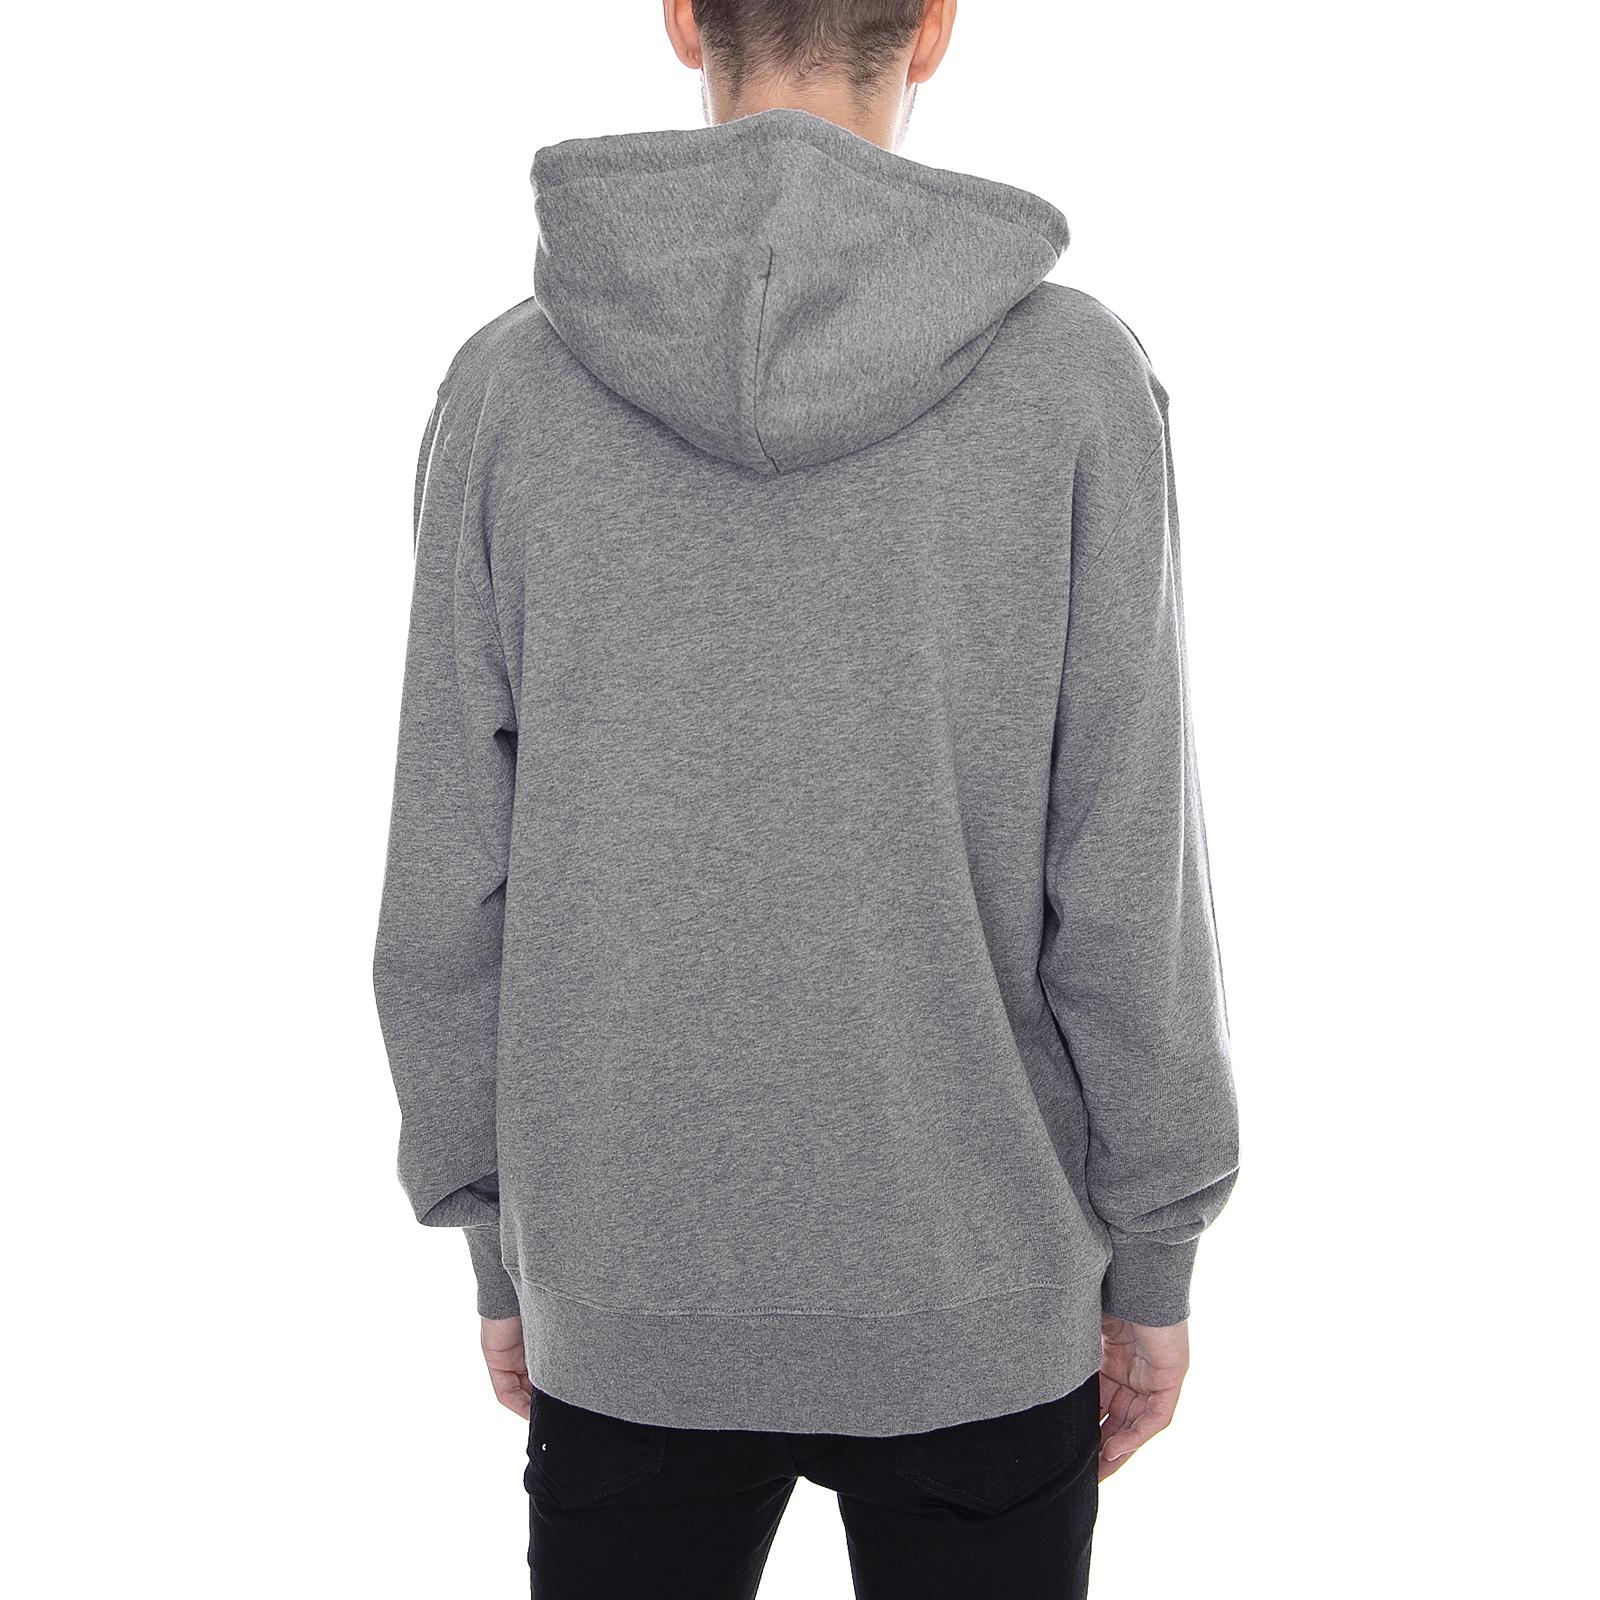 Carhartt Sweatshirt mit mit mit Kapuze College Schweiß Dark Heather grau weiß grau 8b8c6a